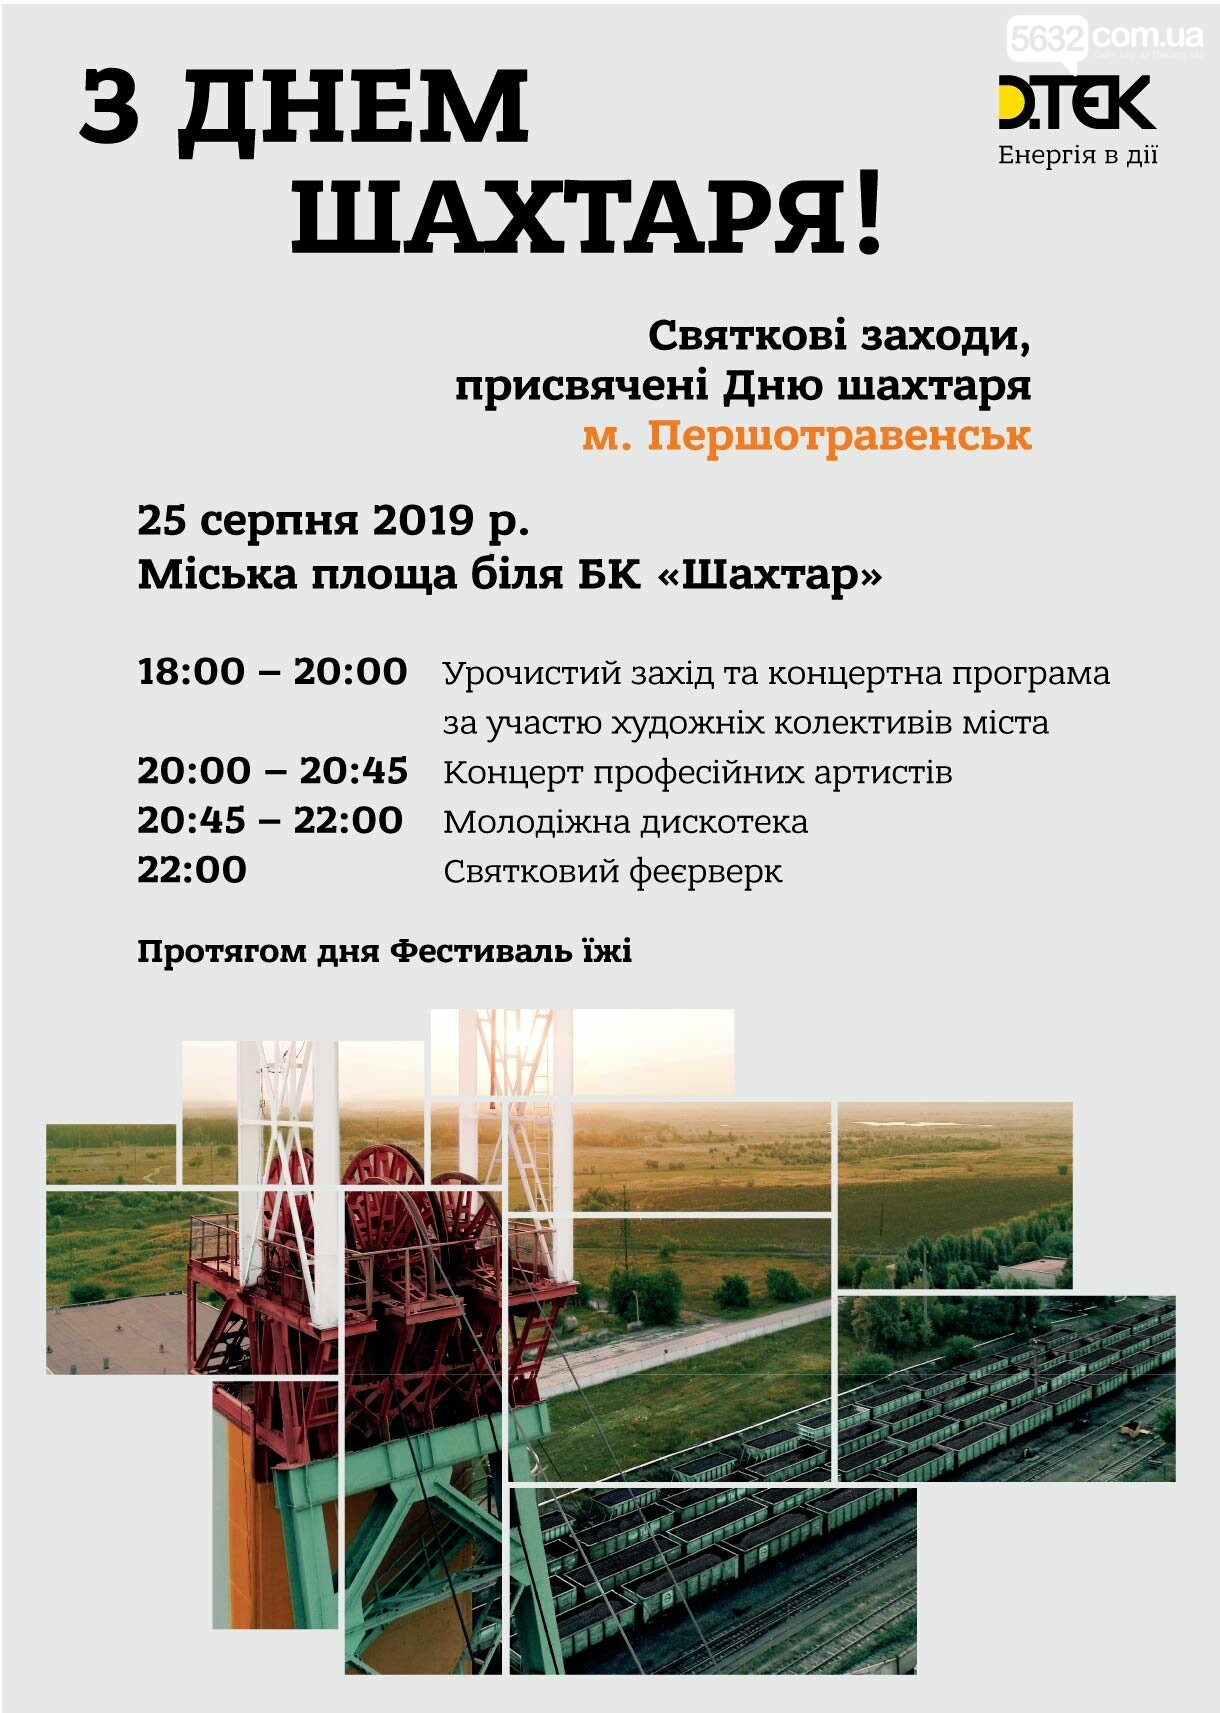 Стало известно, как отметят День шахтёра в Западном Донбассе, фото-3